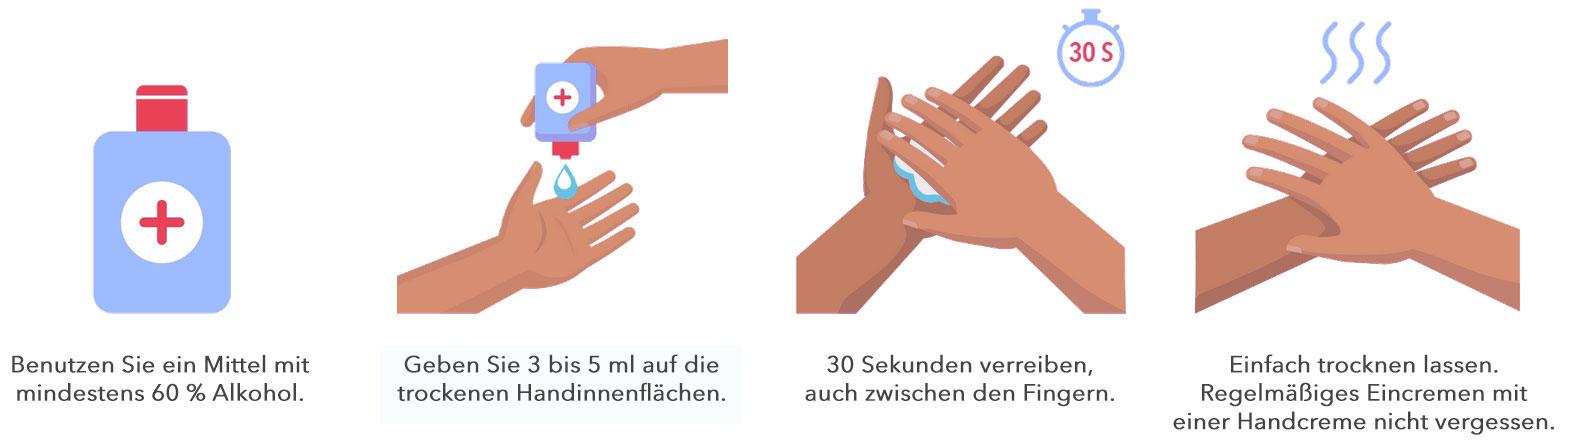 Grafik - So desinfizieren Sie Ihre Hände richtig.